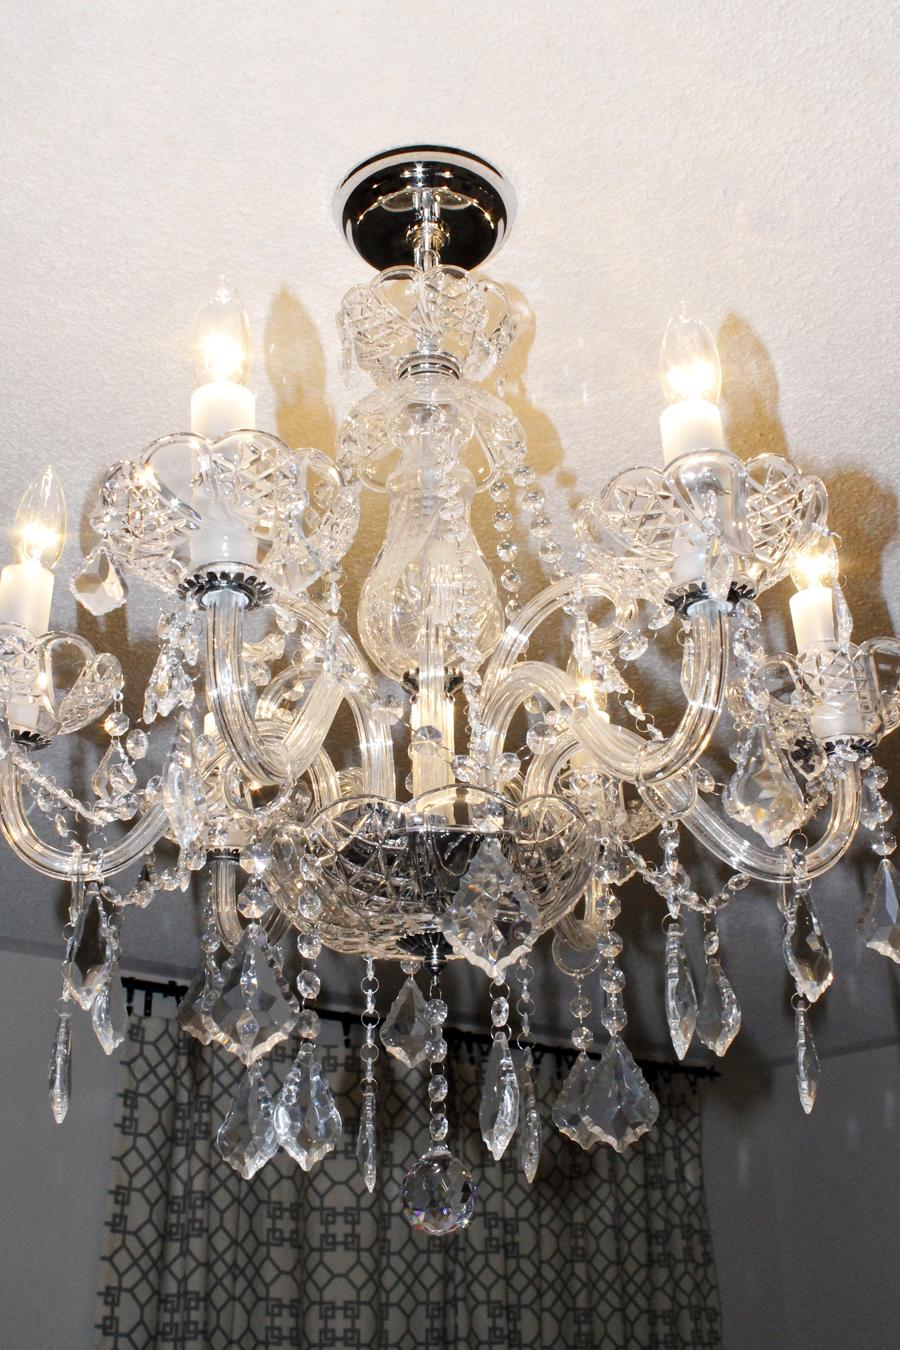 Room Lighting Design Software: AM Dolce Vita: Bling Bling